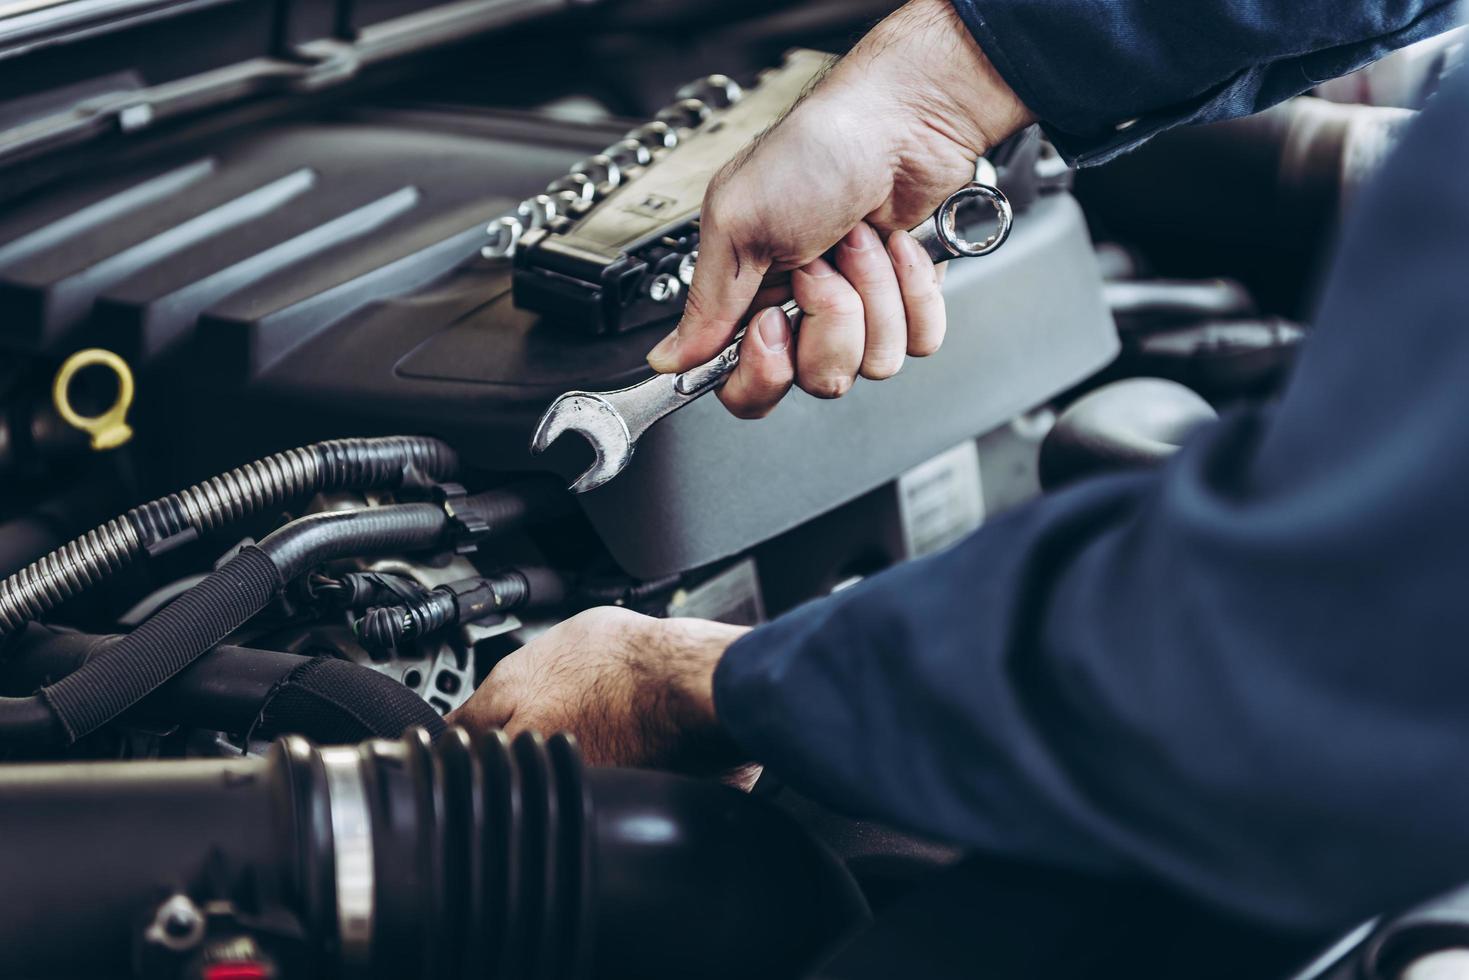 Mann mit Schraubenschlüssel am Automotor foto